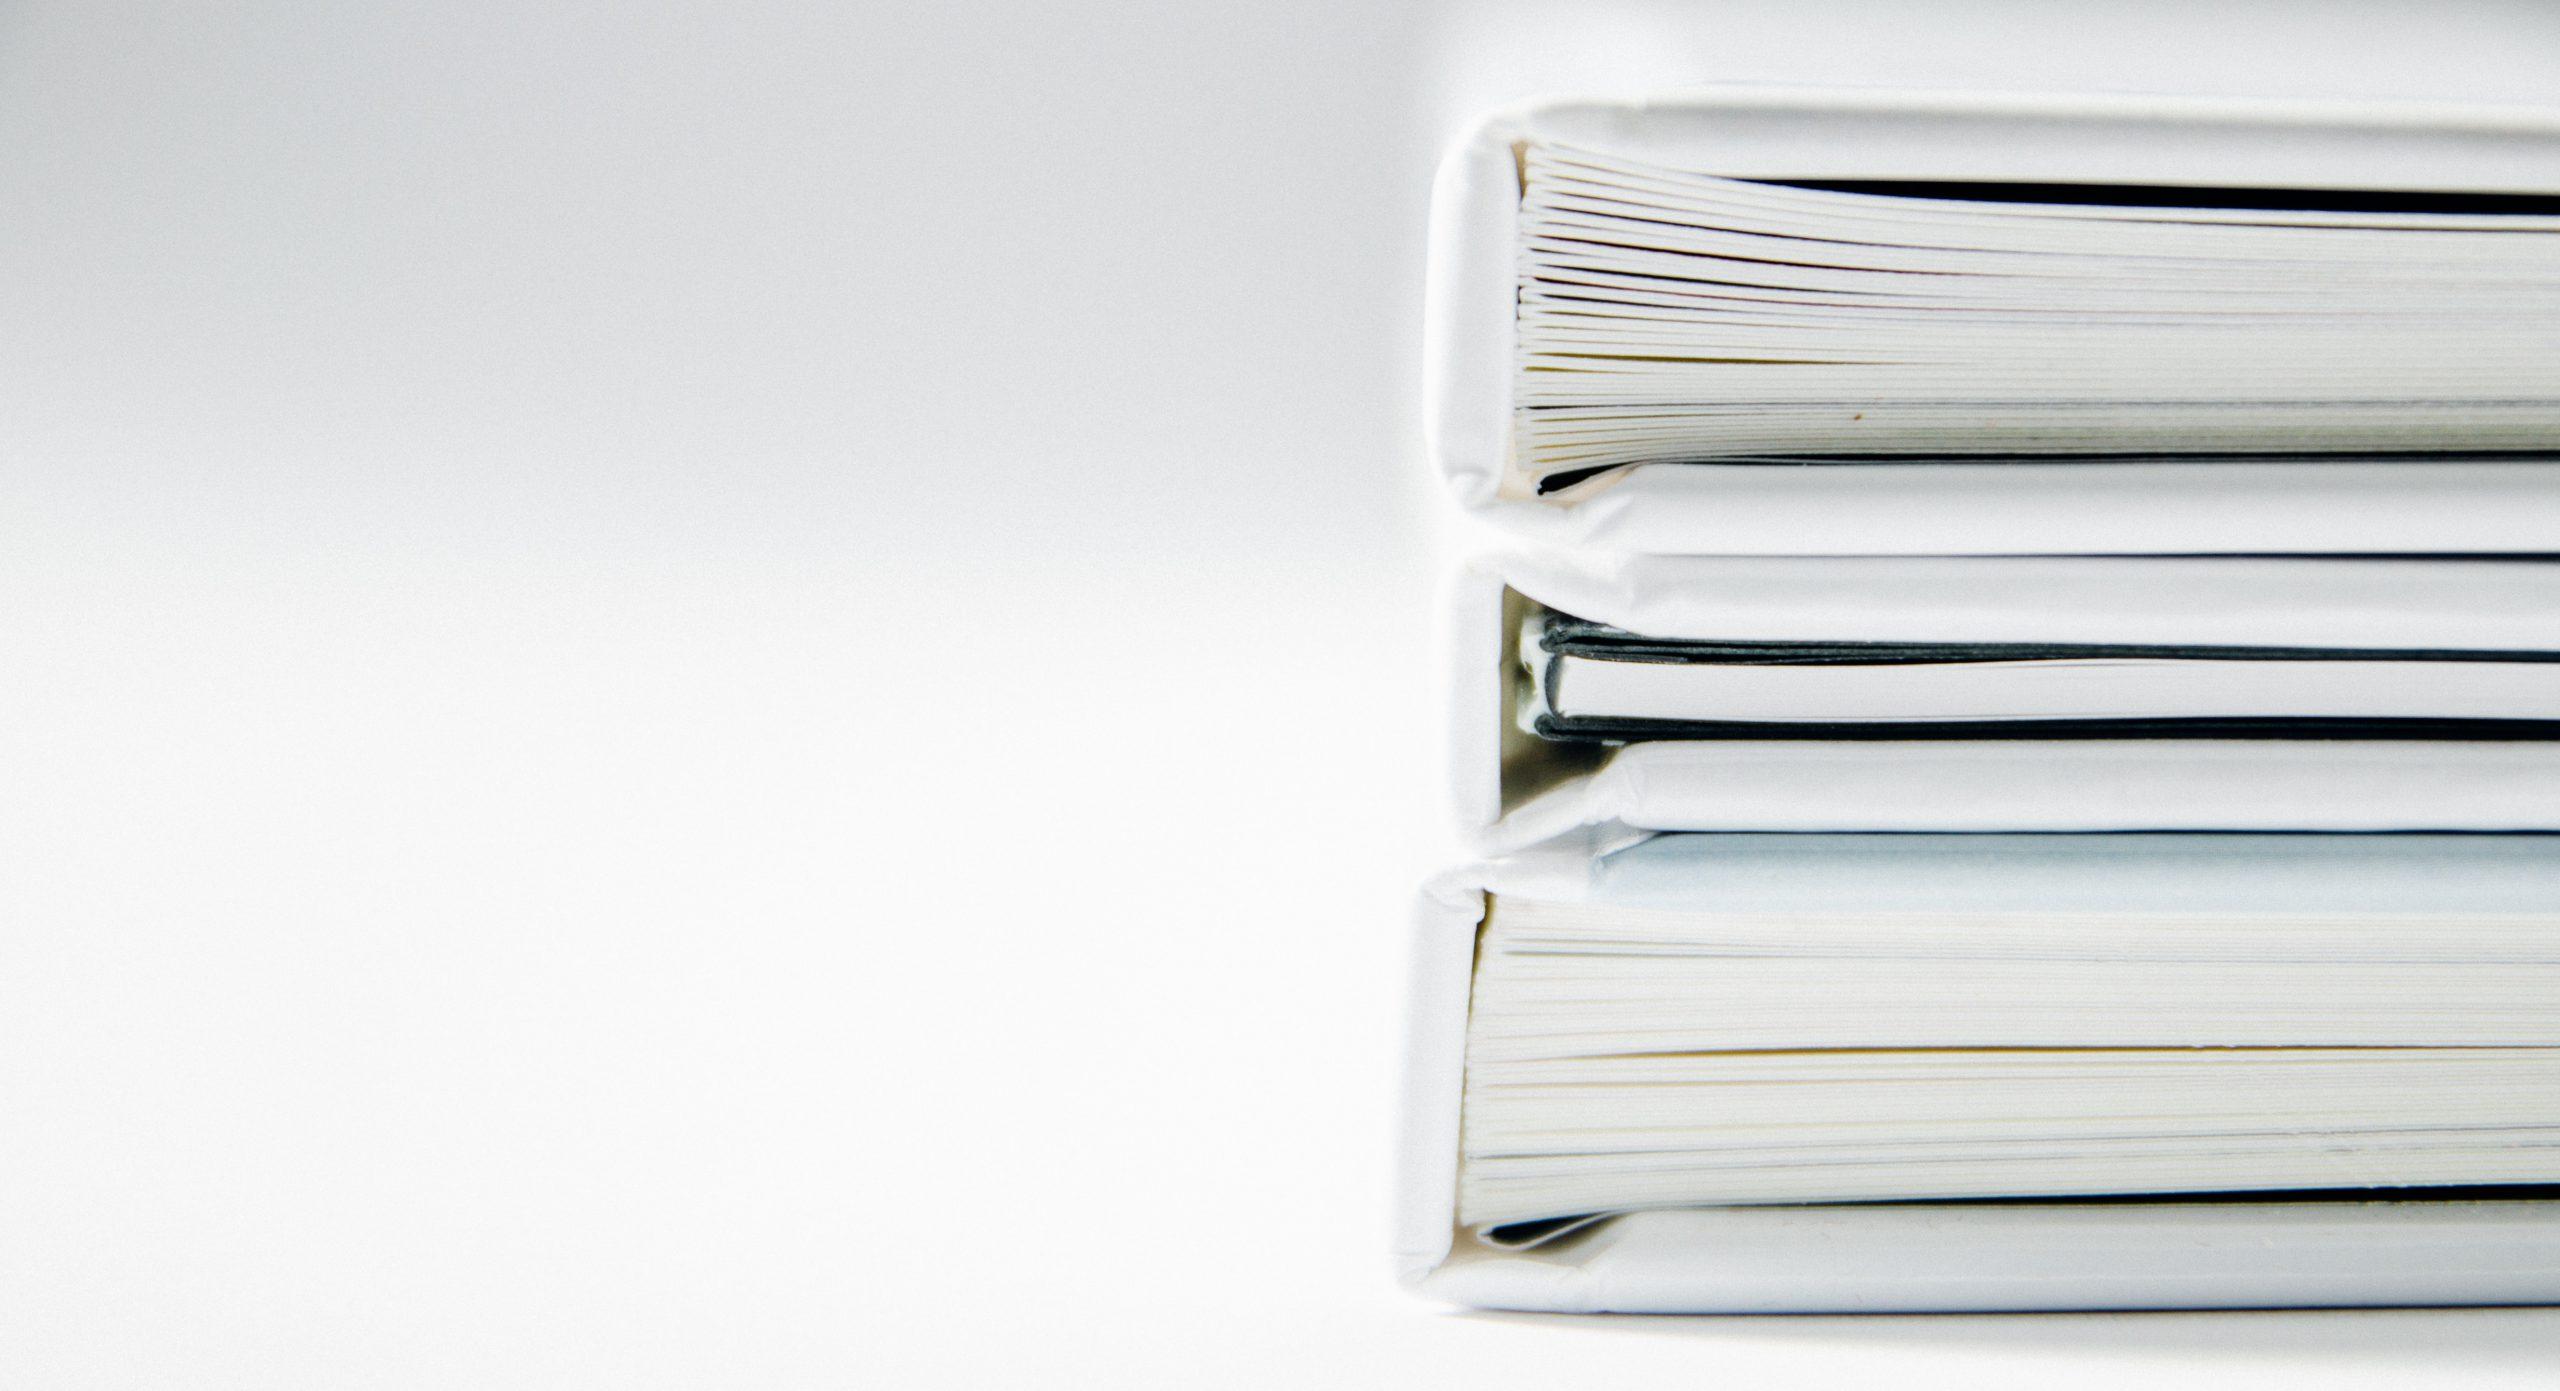 Program do fakturowania – co na ten temat wiedzieć warto?